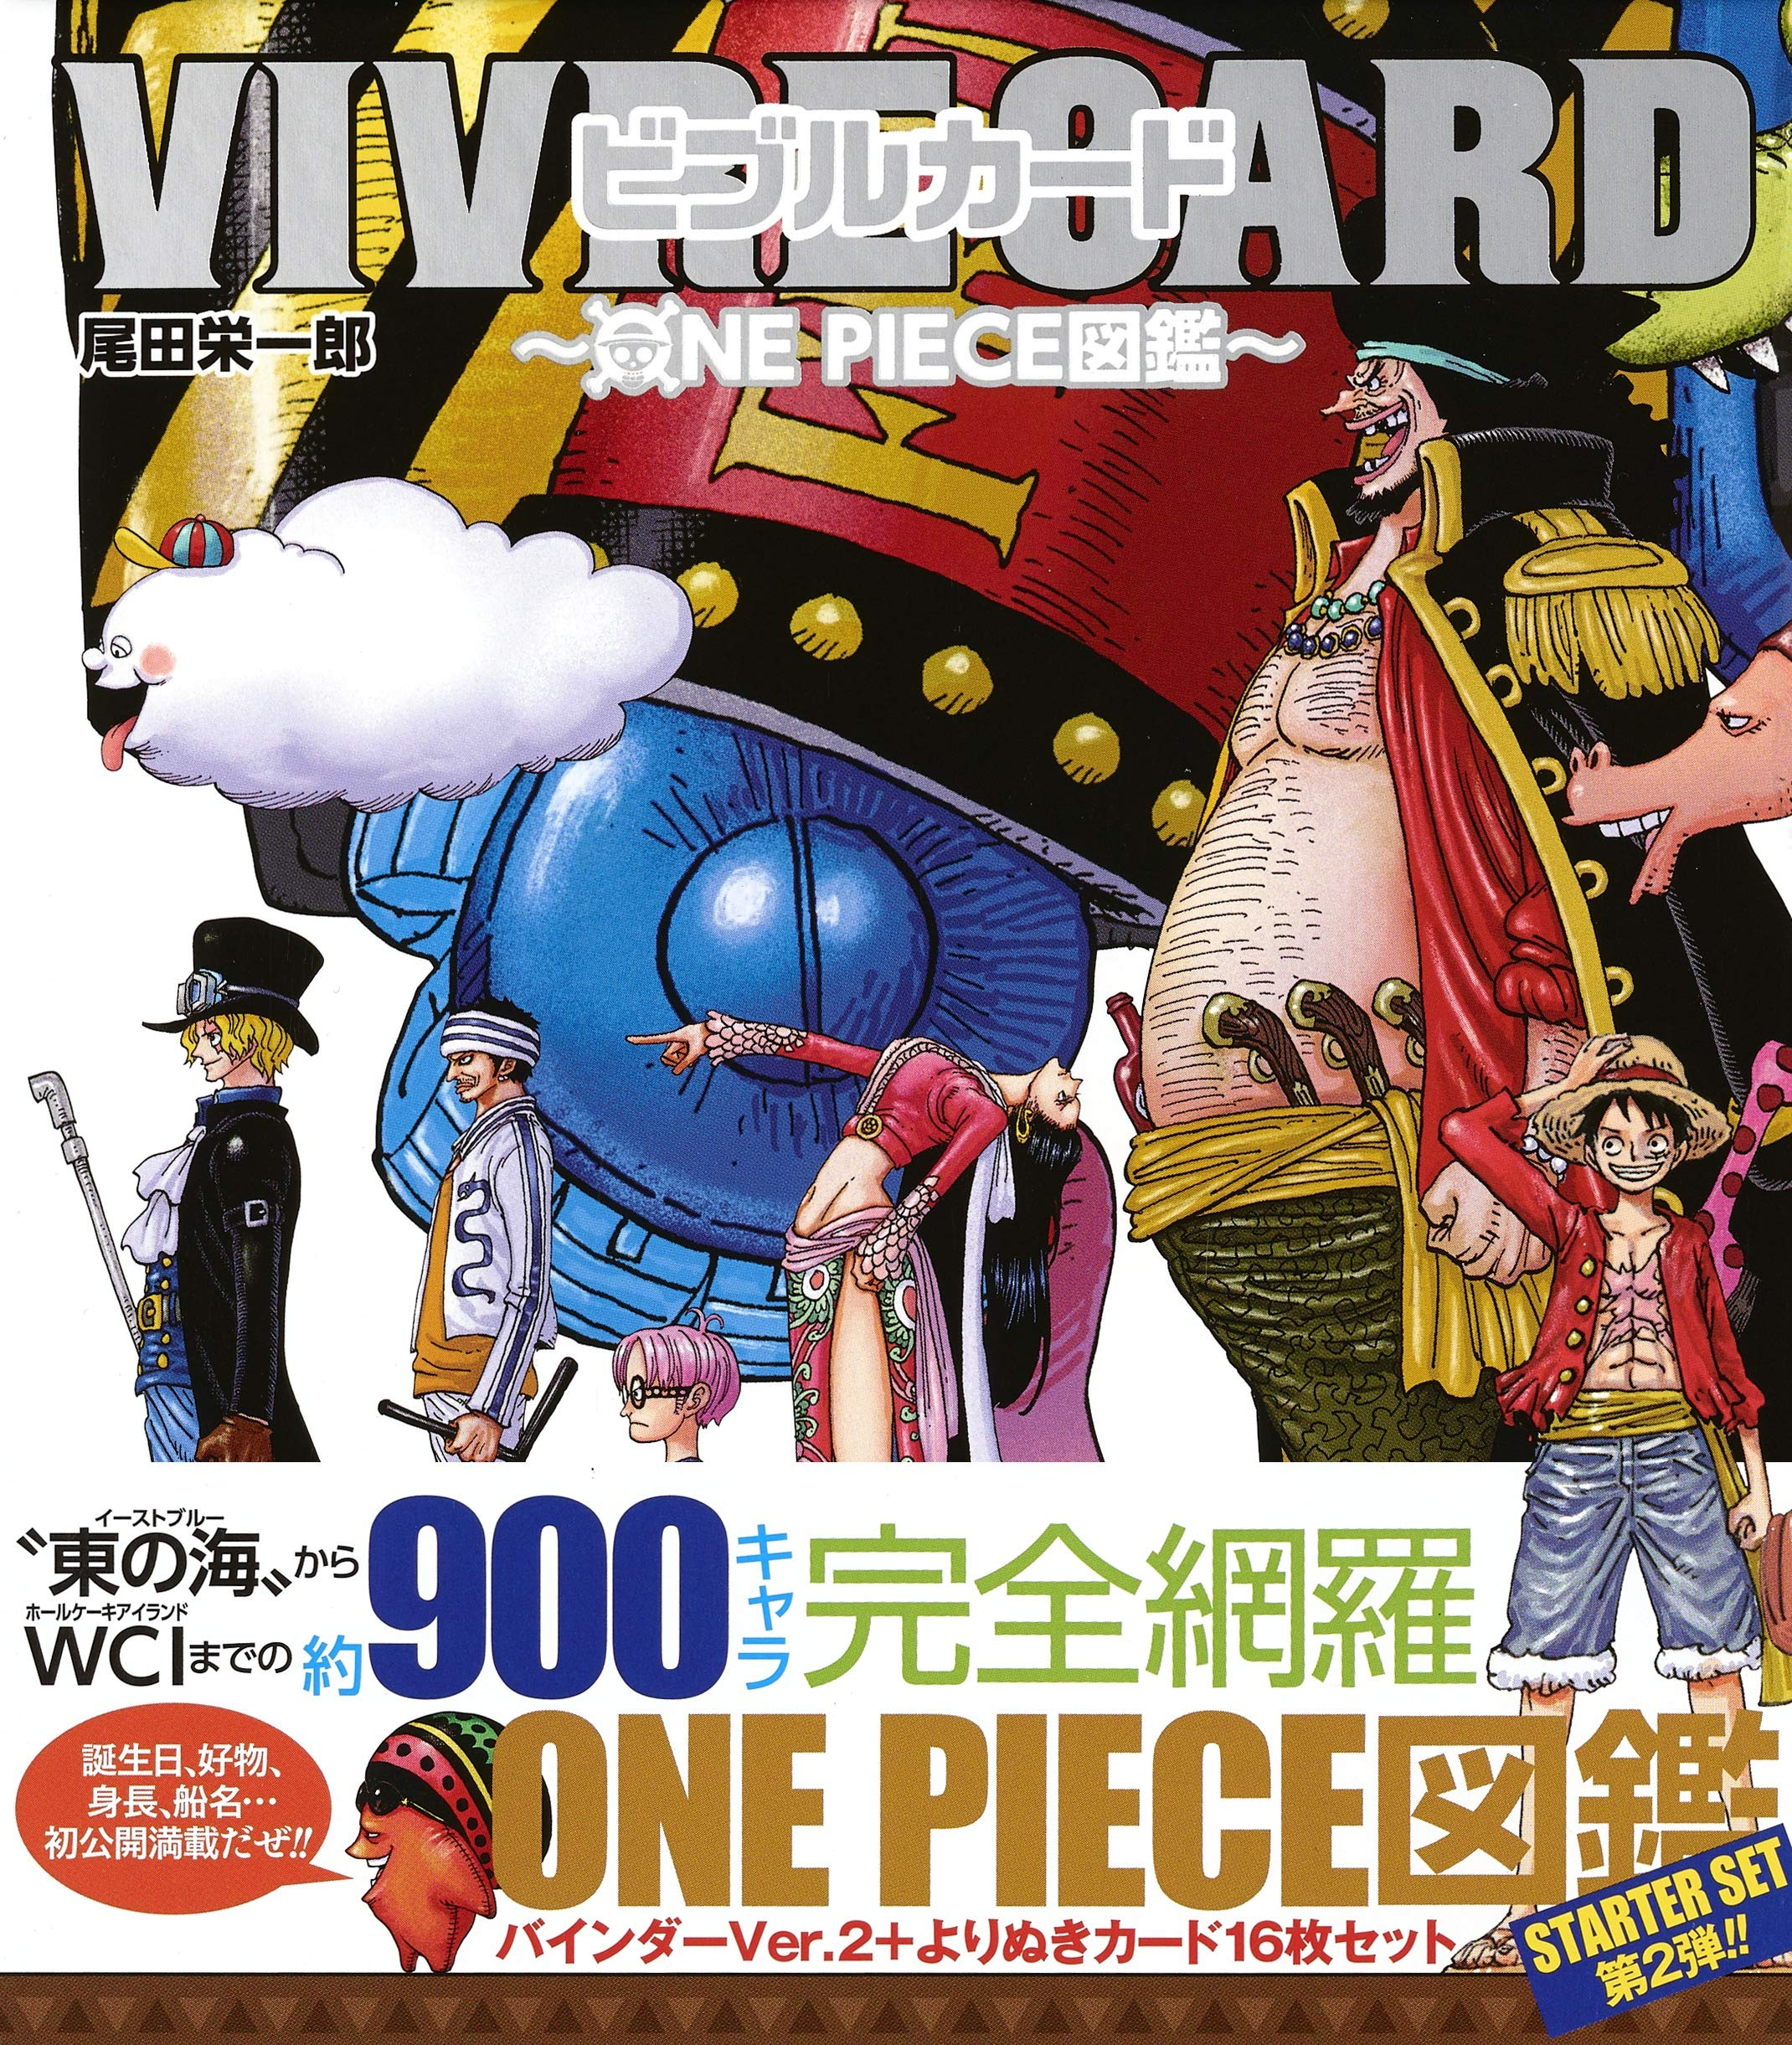 VIVRE CARD: ONE PIECE illustration STARTER SET vol.2 - Edición japonesa: Amazon.es: 尾田 栄一郎: Libros